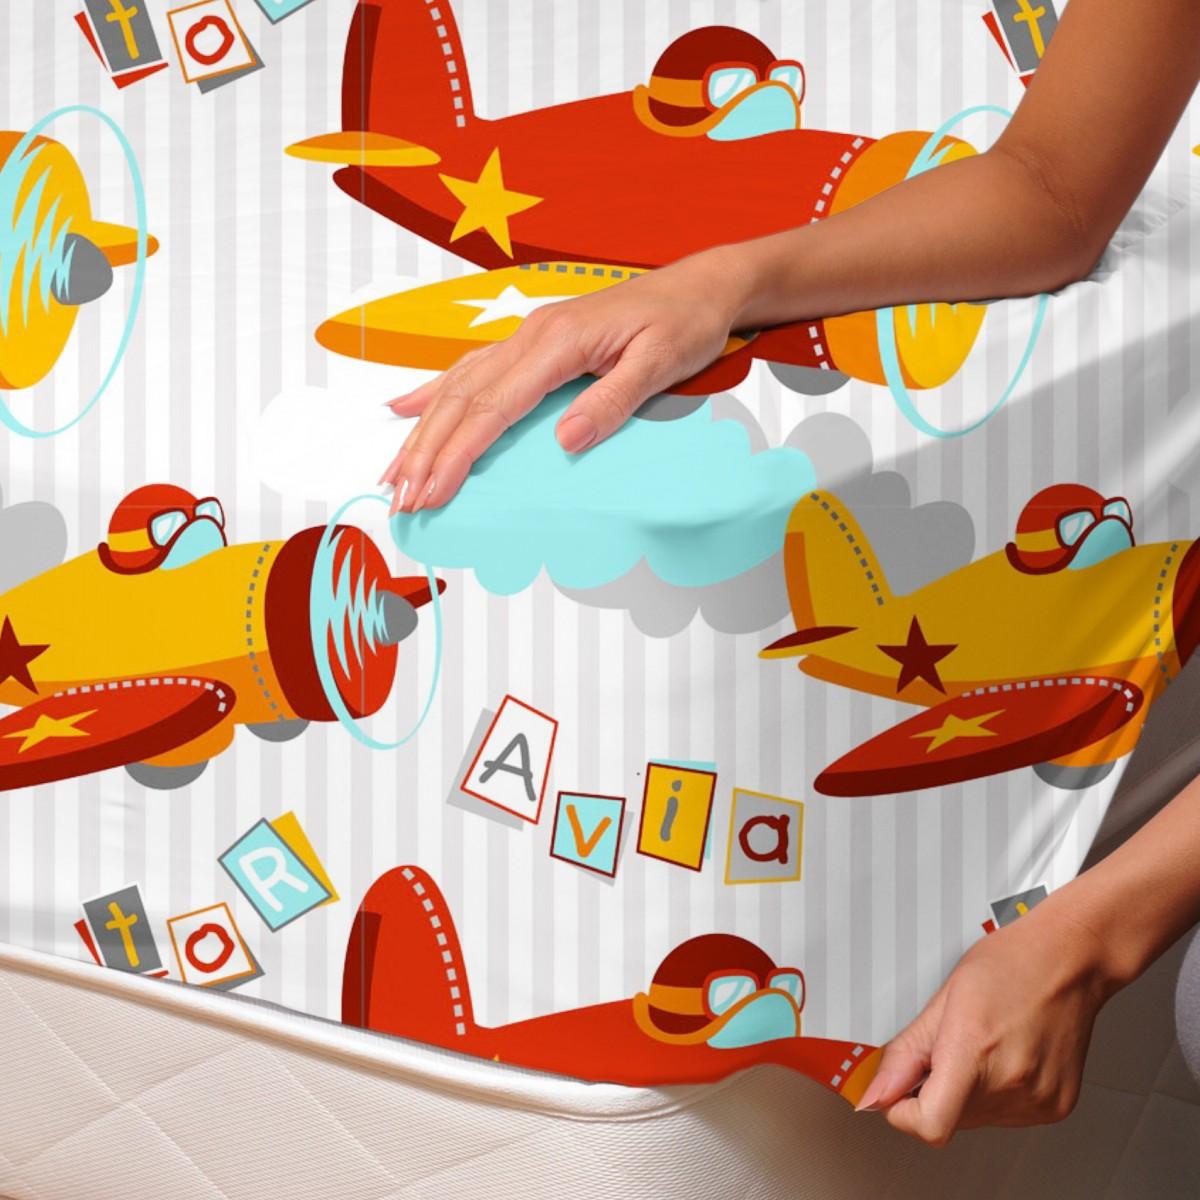 drap housse planes Aviator / Planes   Drap Housse / 100% Coton Linge de Lit   SoulBedroom drap housse planes